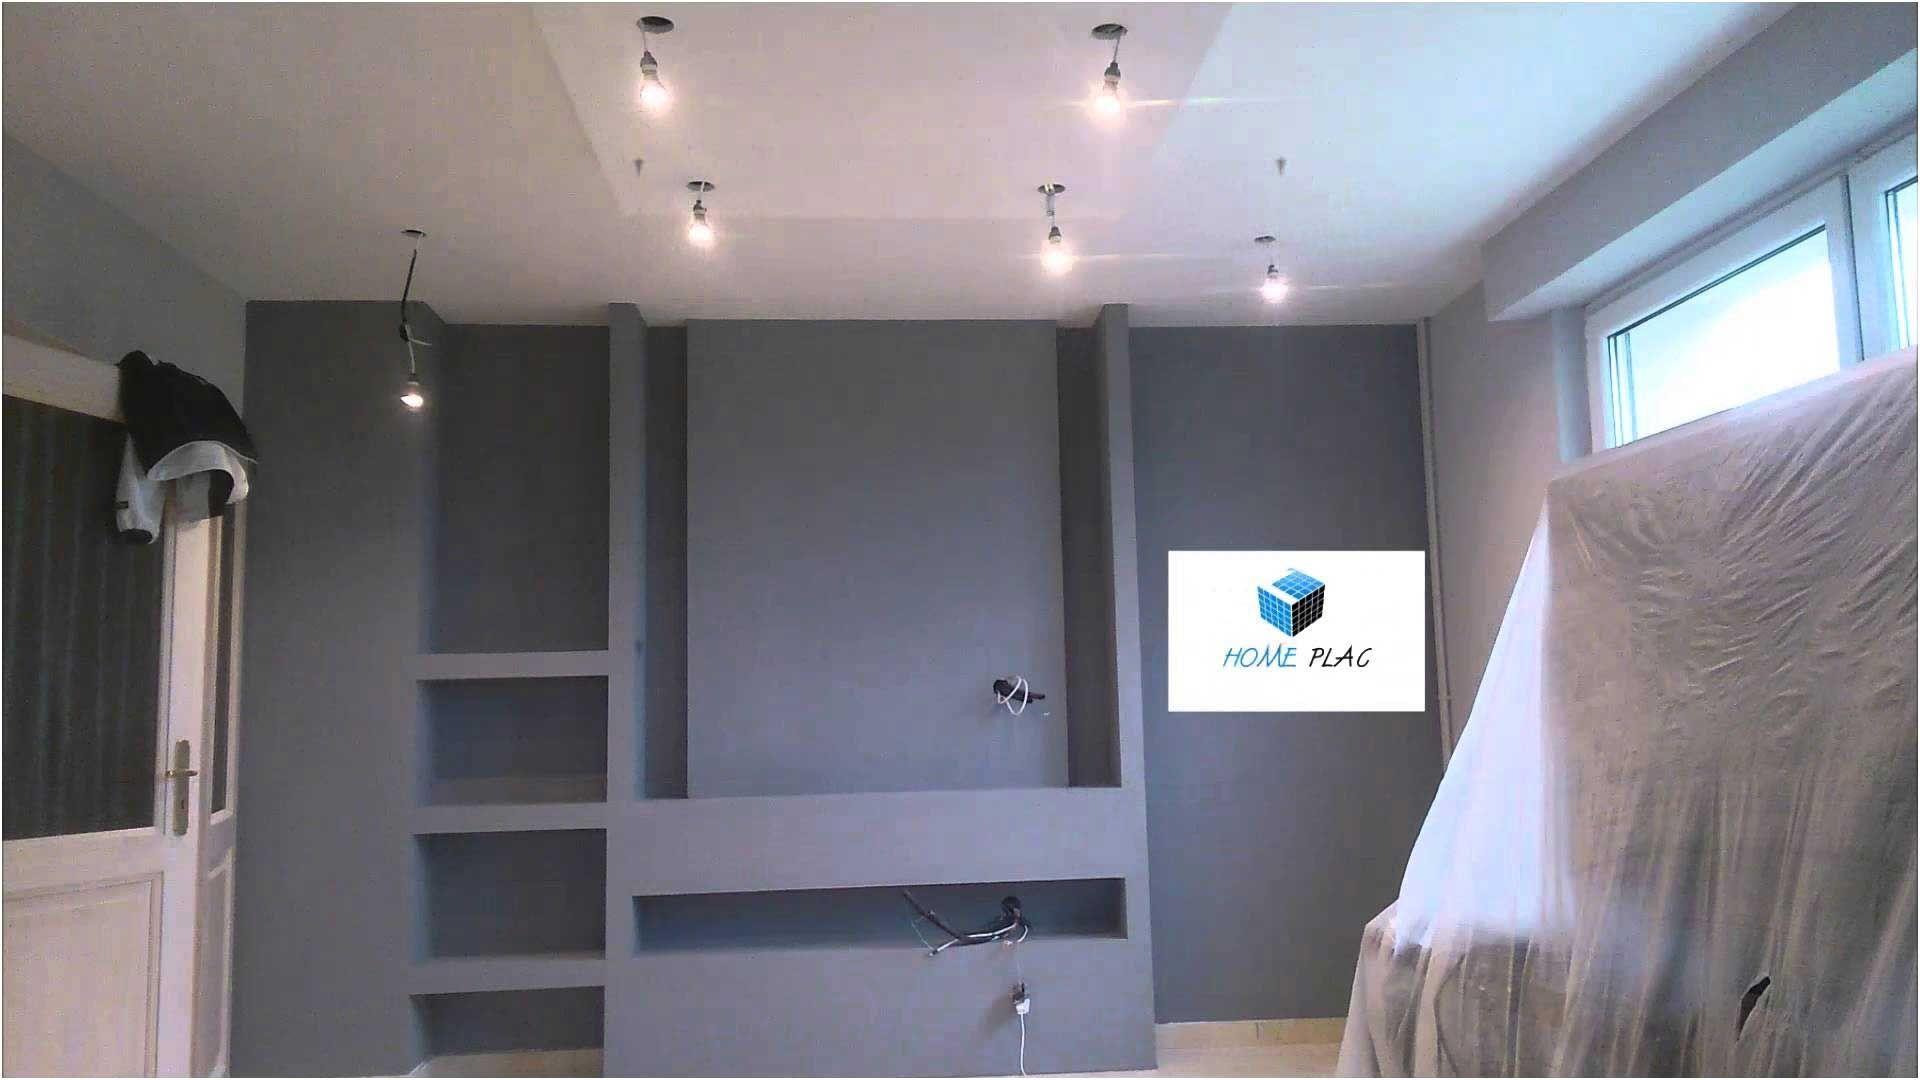 Meuble Tv Castorama Elegant Etagere En Verre Sur Mesure Castorama Maison Design De Meuble Tv Meuble Design Idee Meuble Tv Maison Design